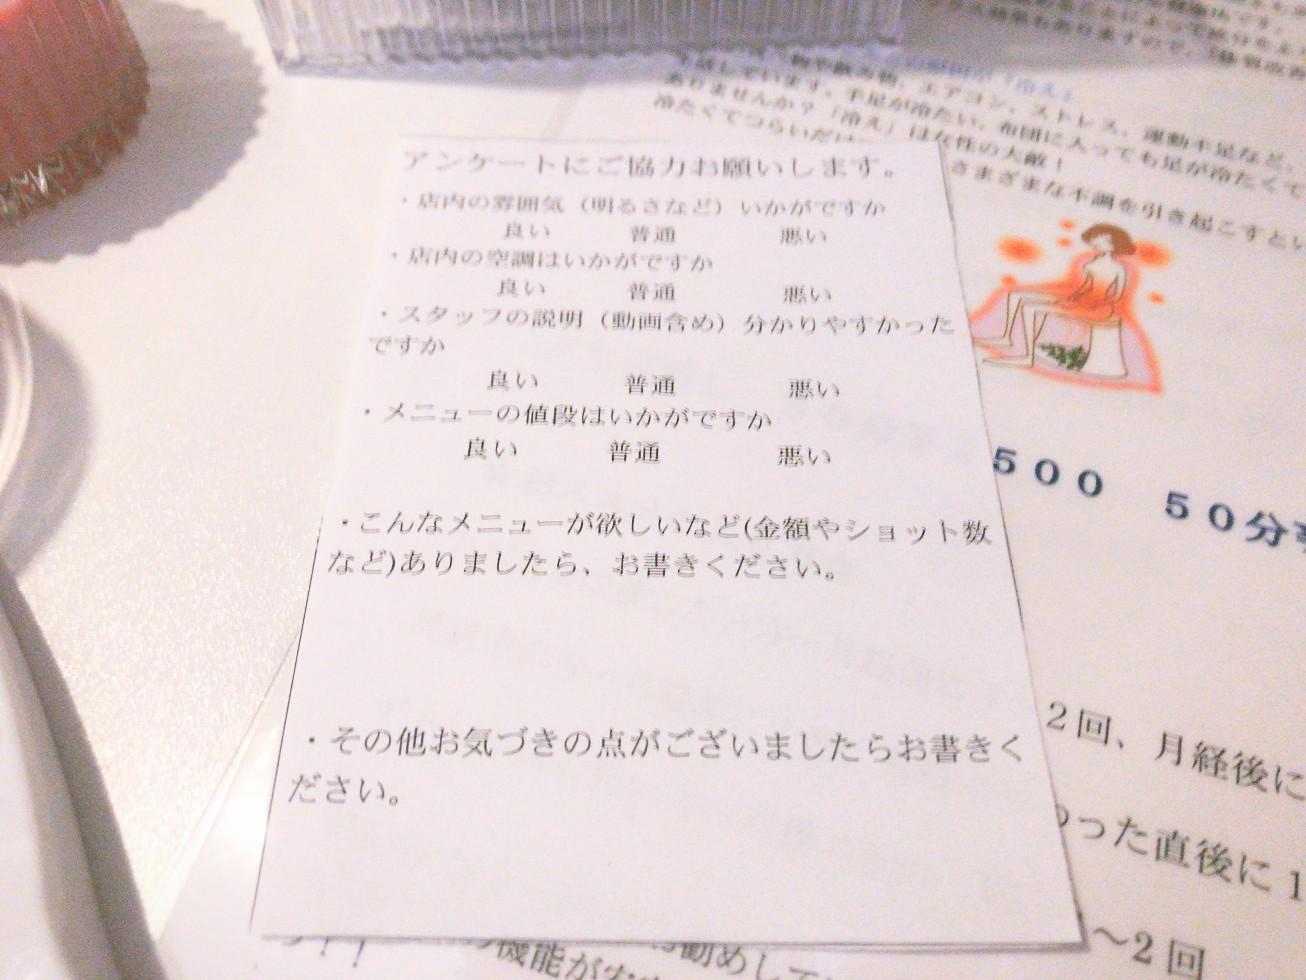 セルフエステハイフ渋谷渋谷店体験談口コミレポ